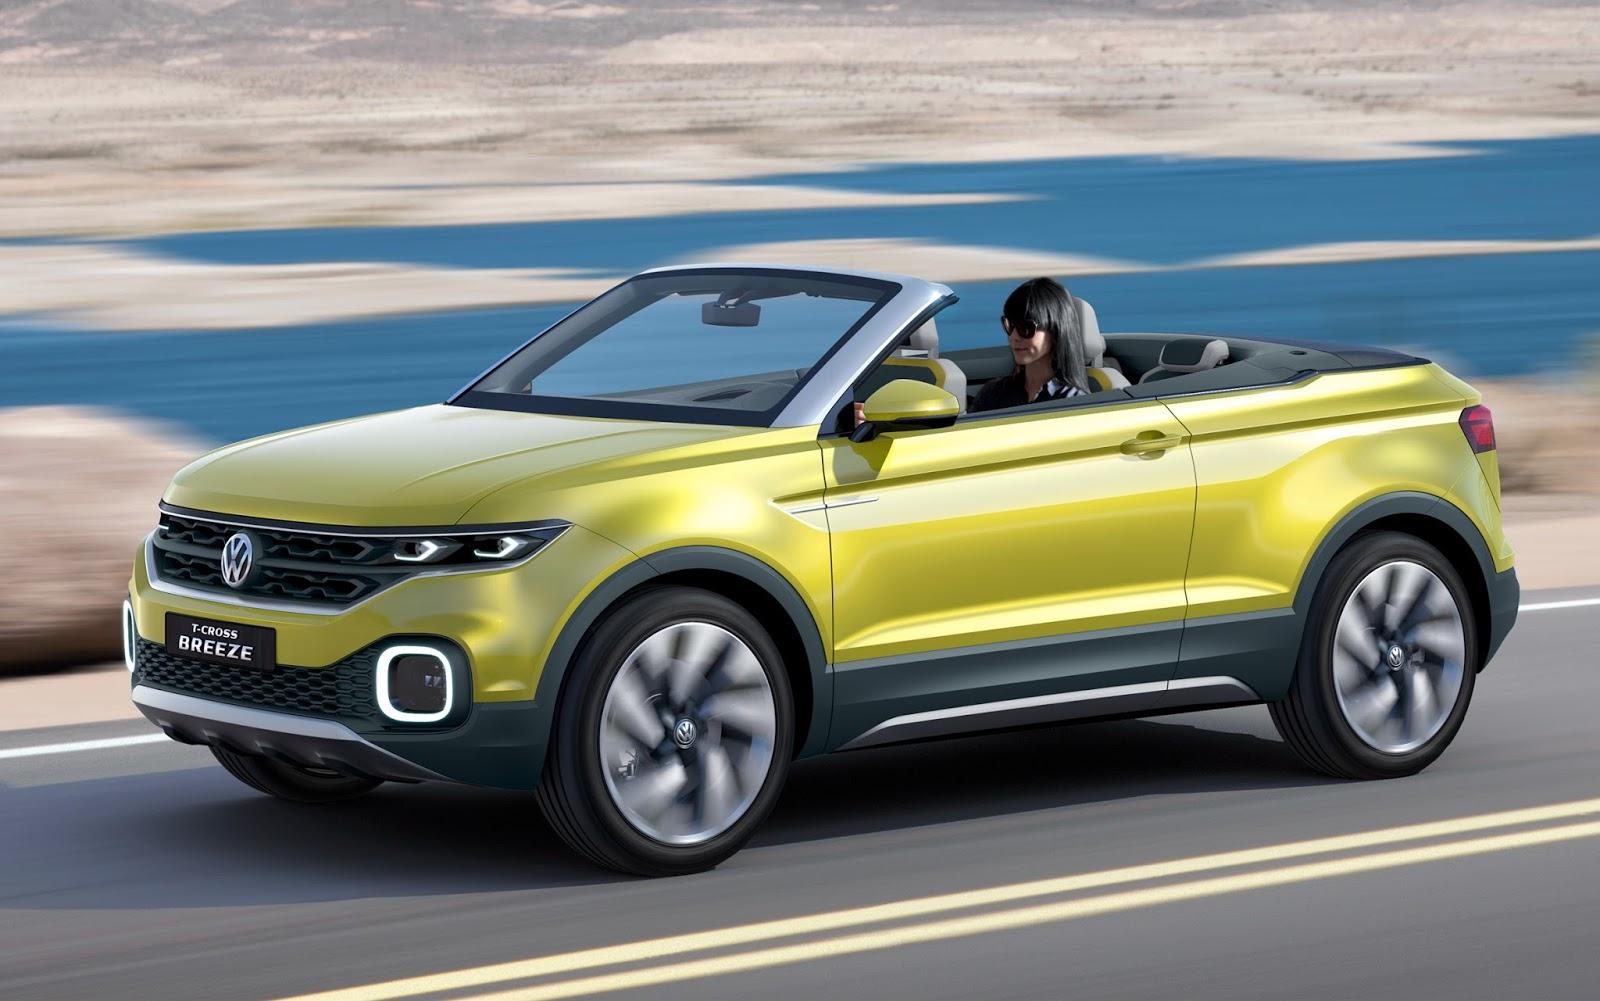 Volkswagen Concept Car Lifetsyle